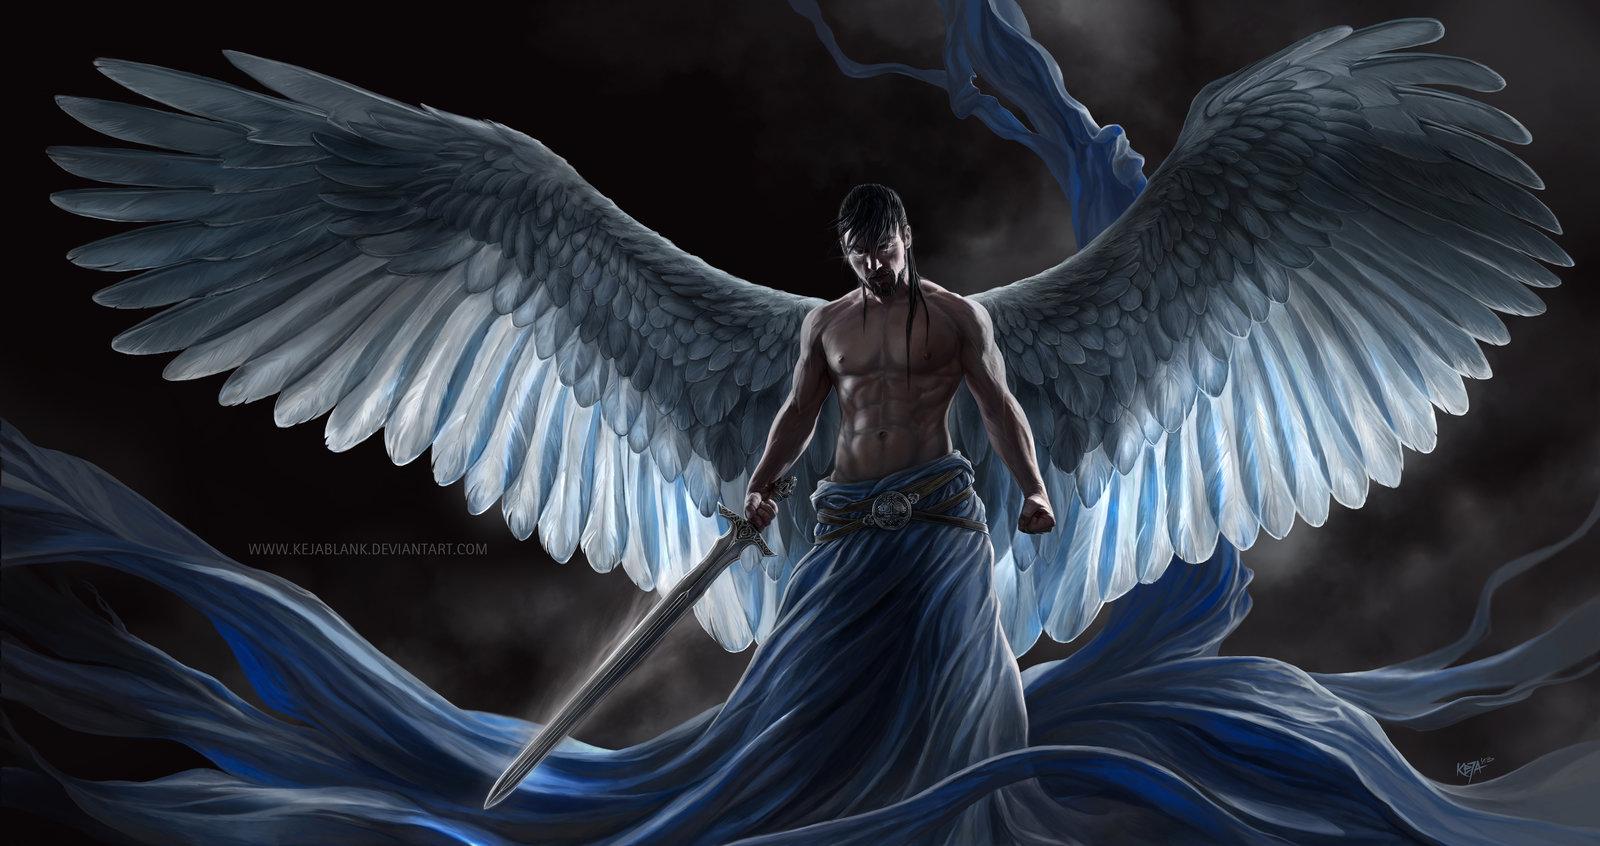 Hình ảnh thiên thần cầm kiếm cực ngầu